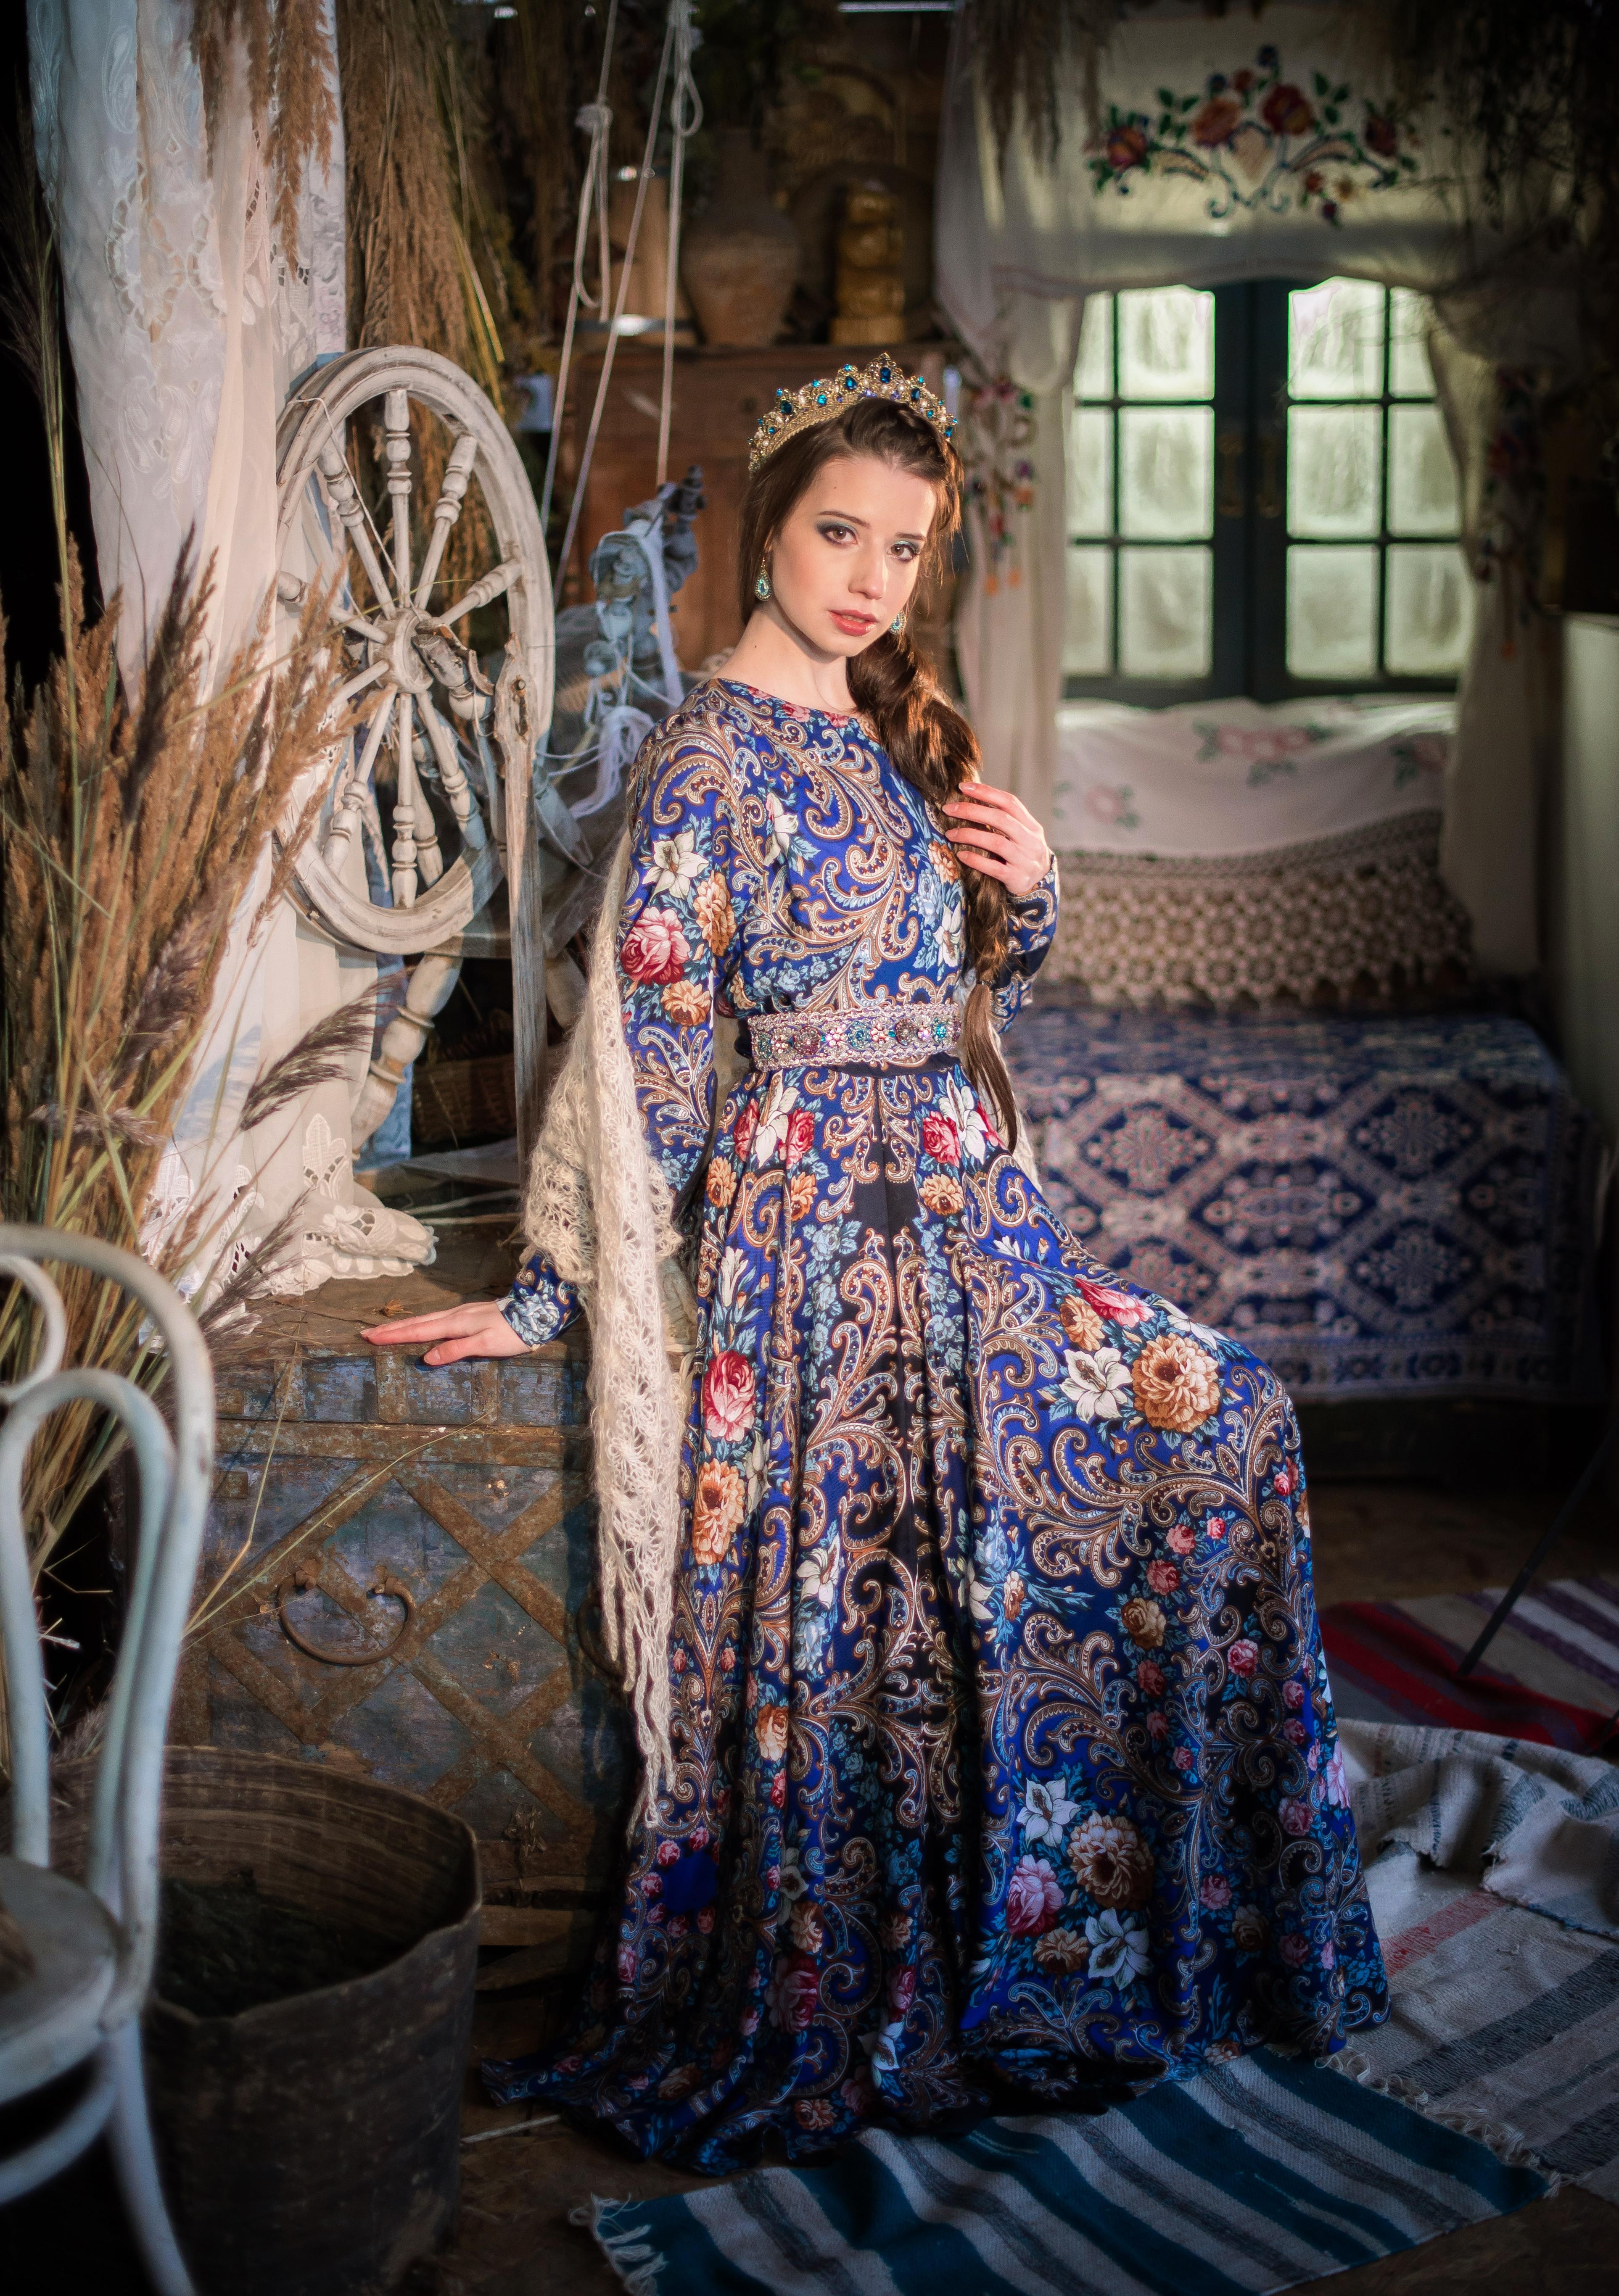 Девушка в платье из Павлопосадских платков в темно-синей расцветке в русской старинной избе